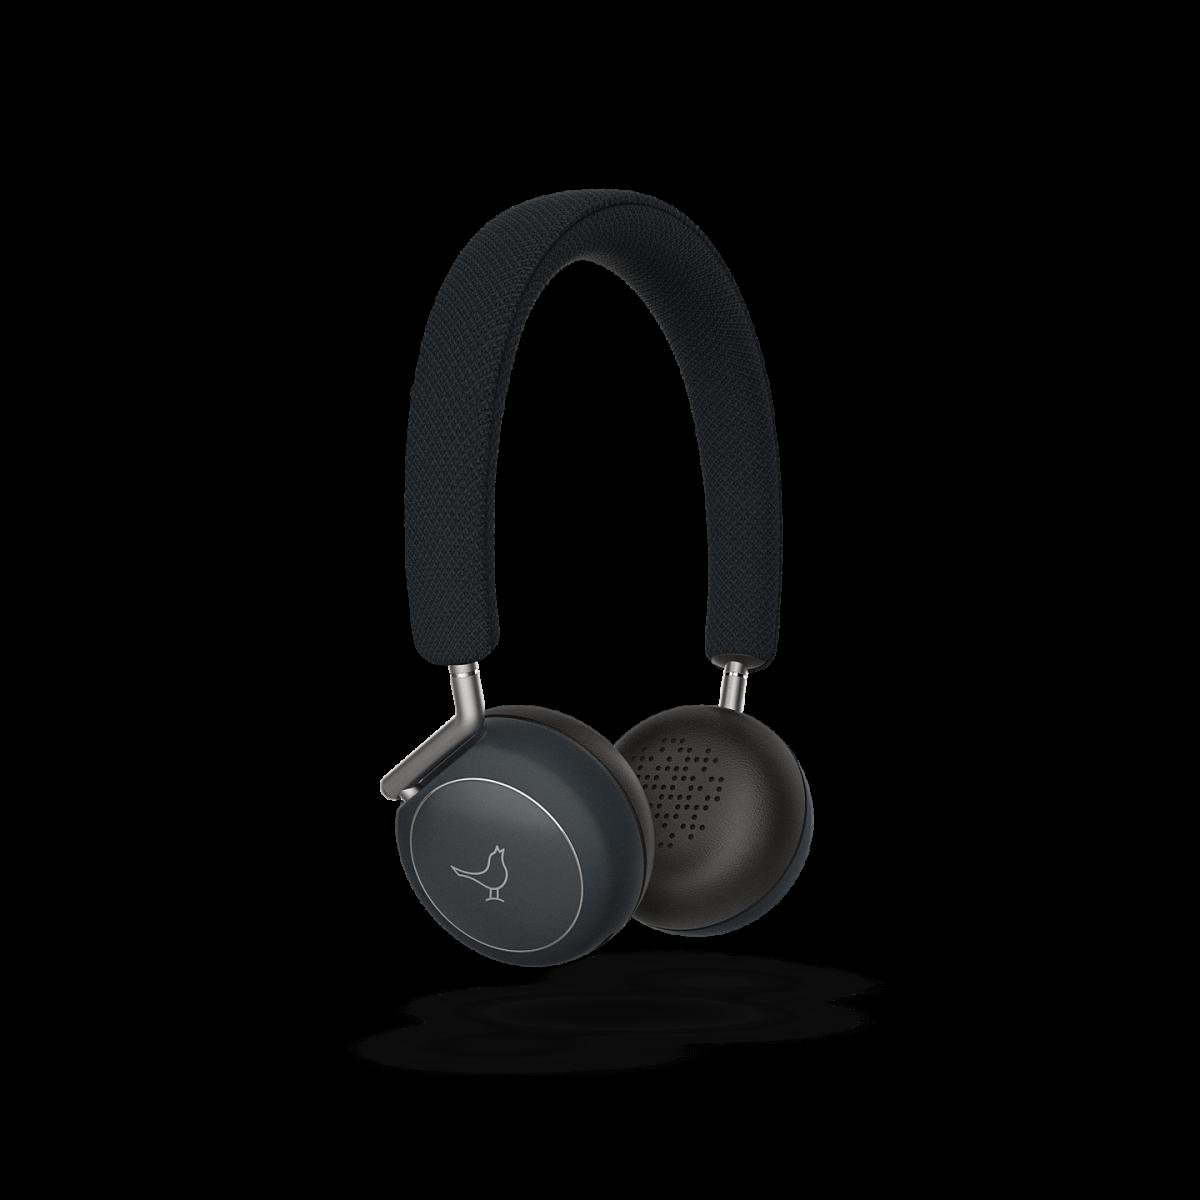 un super casque audio r ducteur de bruits a c 39 est culte. Black Bedroom Furniture Sets. Home Design Ideas